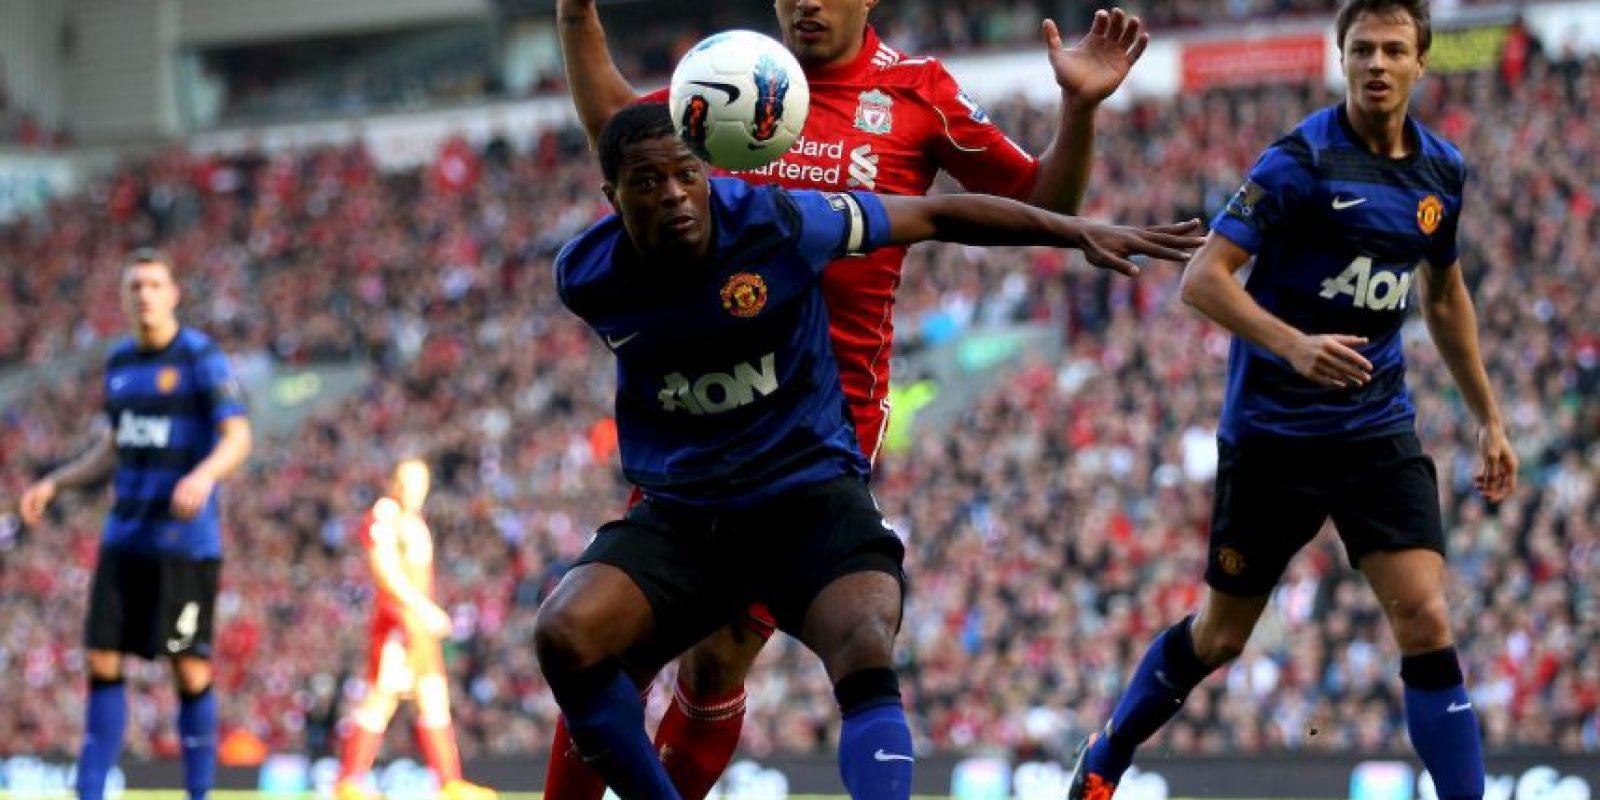 """En 2011, cuando Suárez jugaba para el Liverpool y Evra para el Manchester United, el francés acusó al uruguayo de llamarlo """"negro"""" de forma despectiva. Foto:Getty Images"""